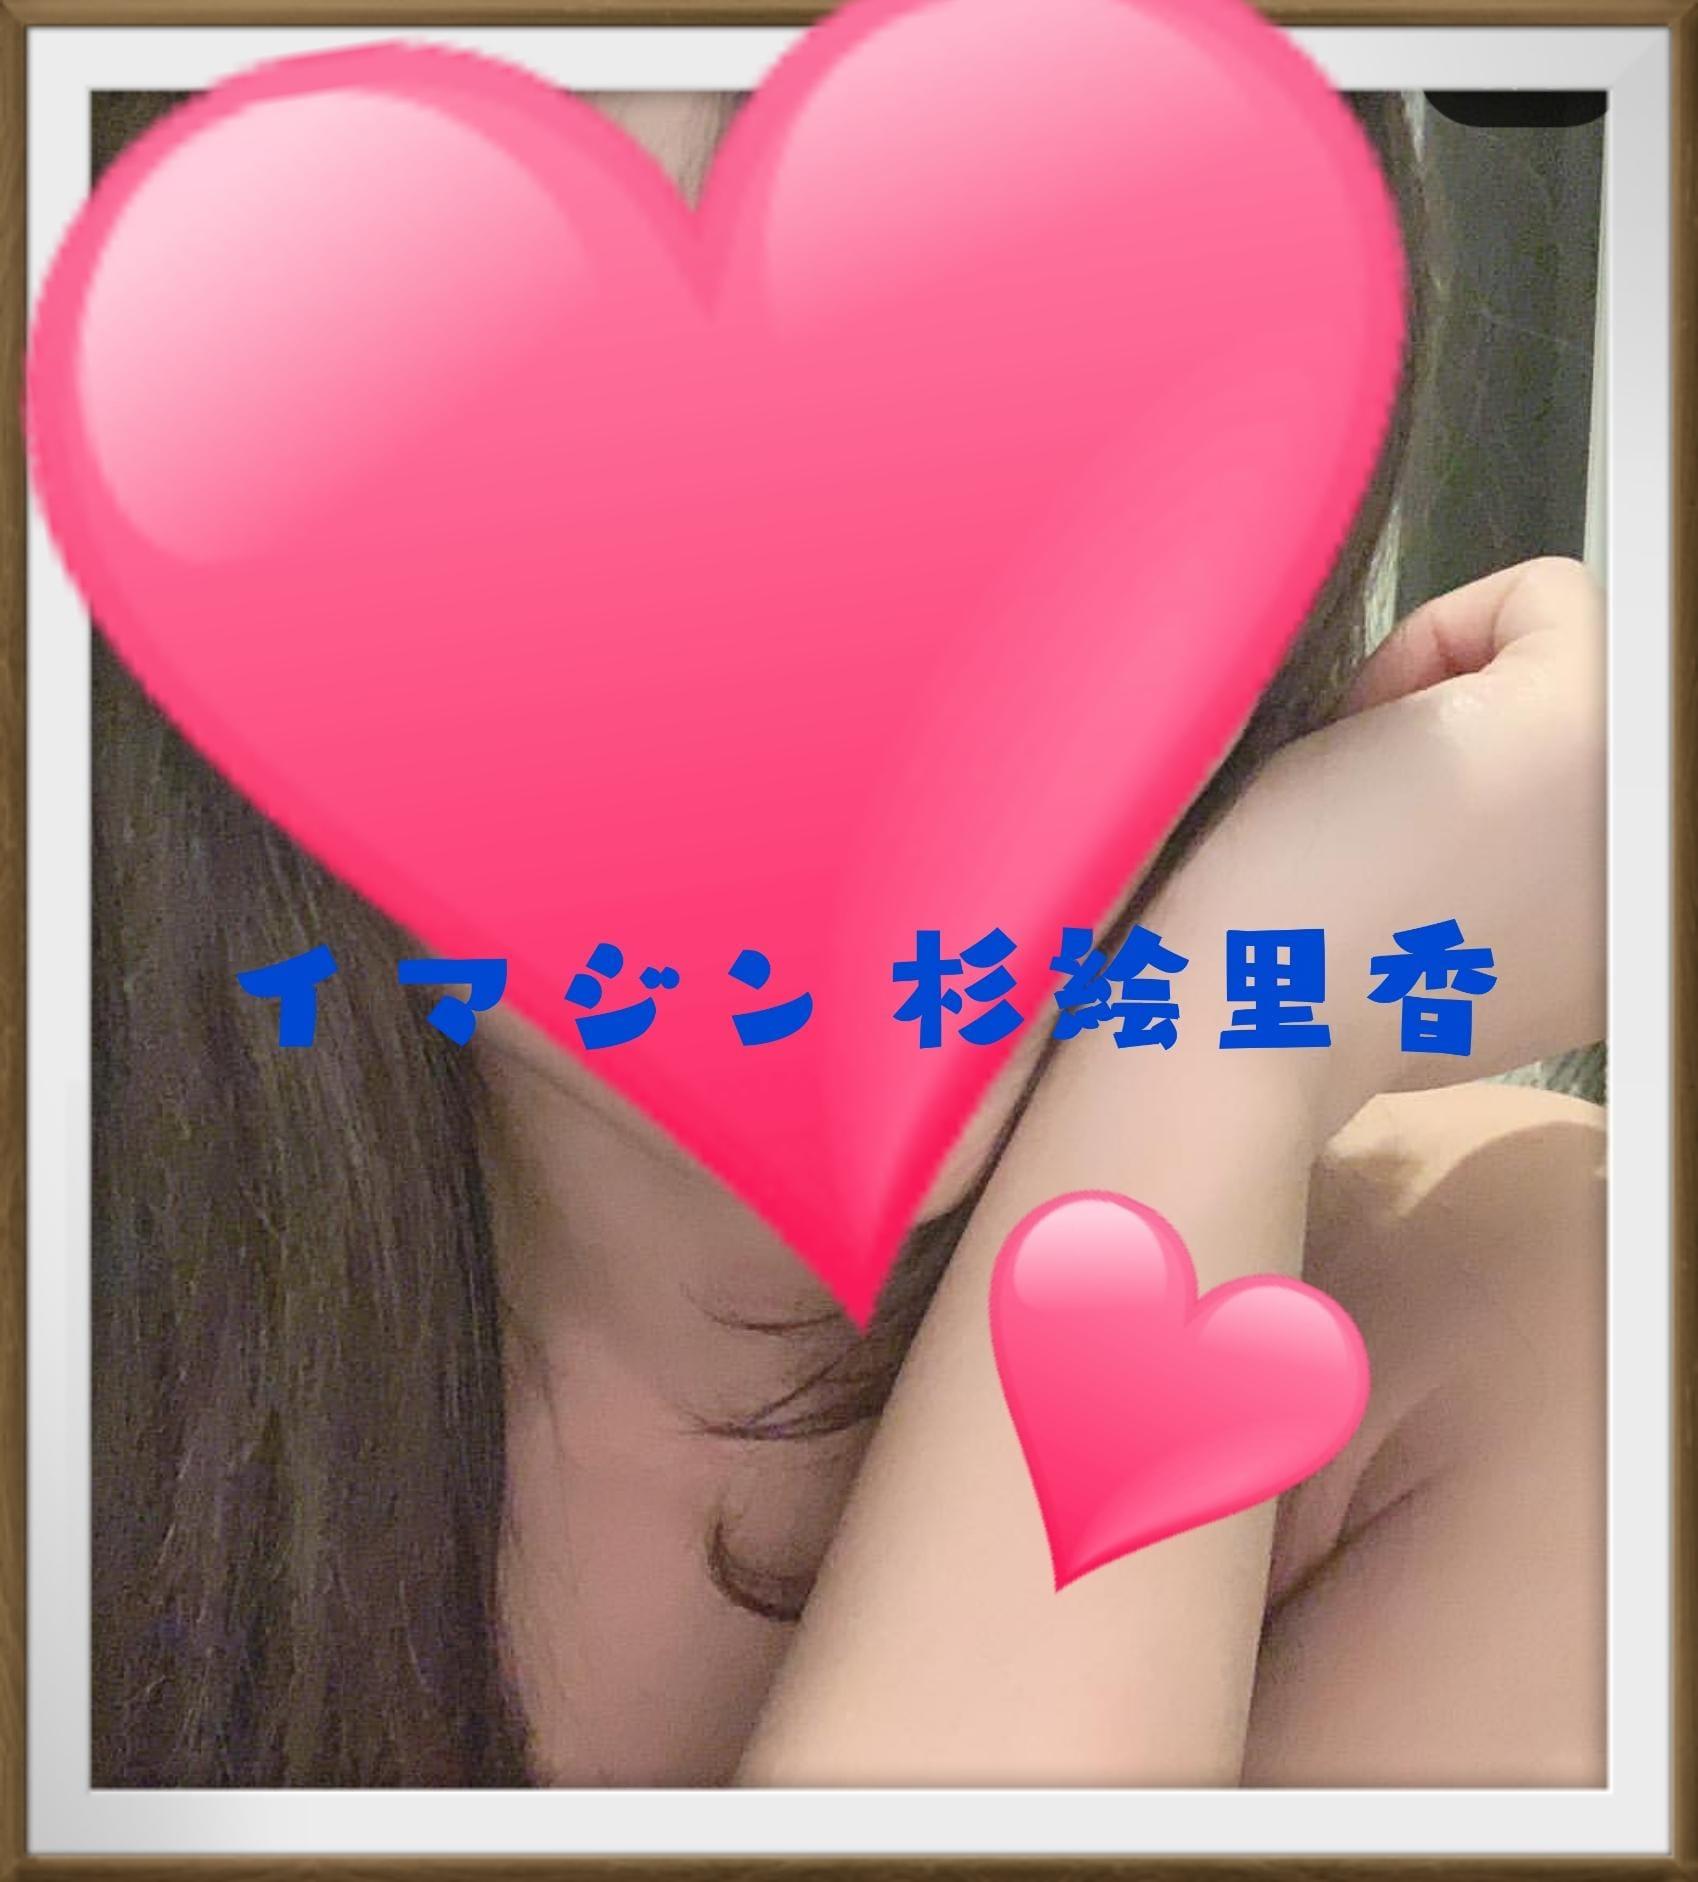 杉 絵里香「杉の唇♪18日21日のお礼♪」04/22(月) 08:45   杉 絵里香の写メ・風俗動画